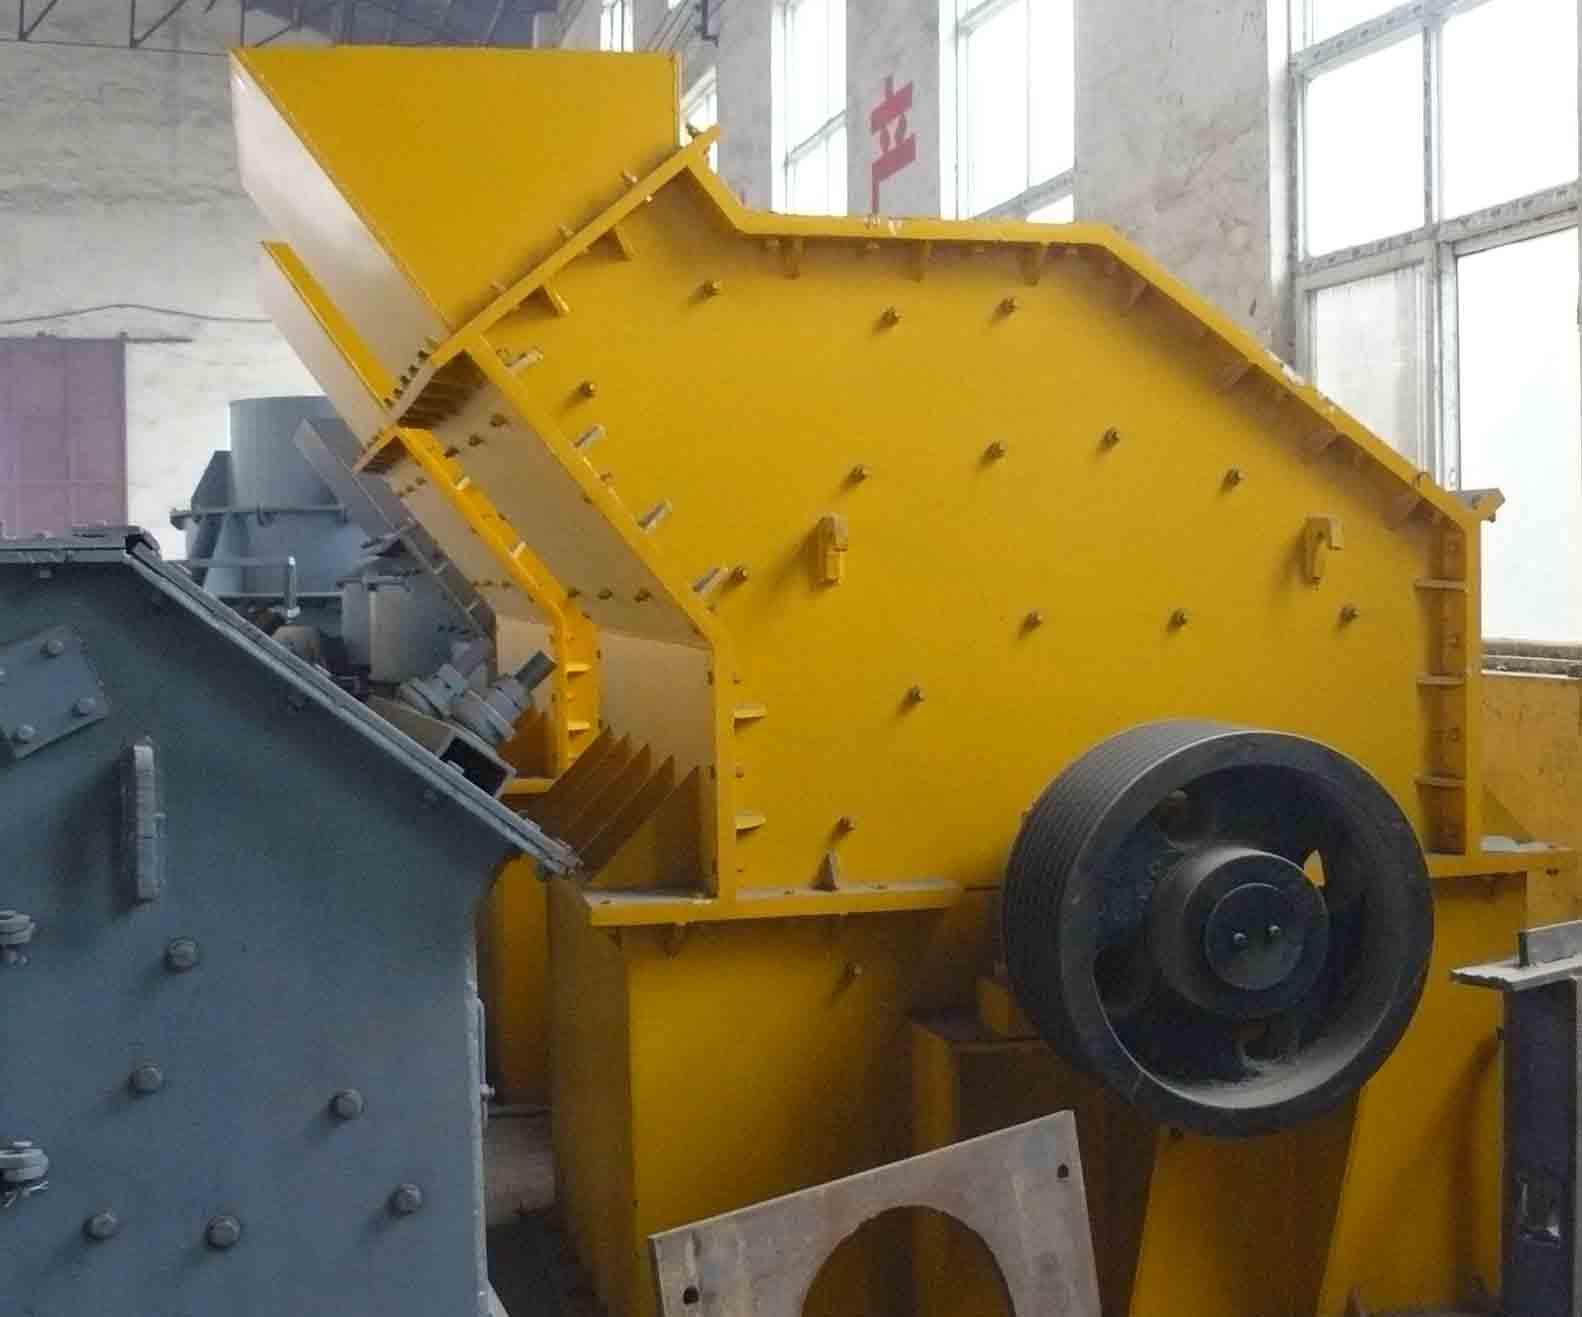 上海市市场监管局拟将上海高长机械制造有限公司列入严重违法失信企业名单